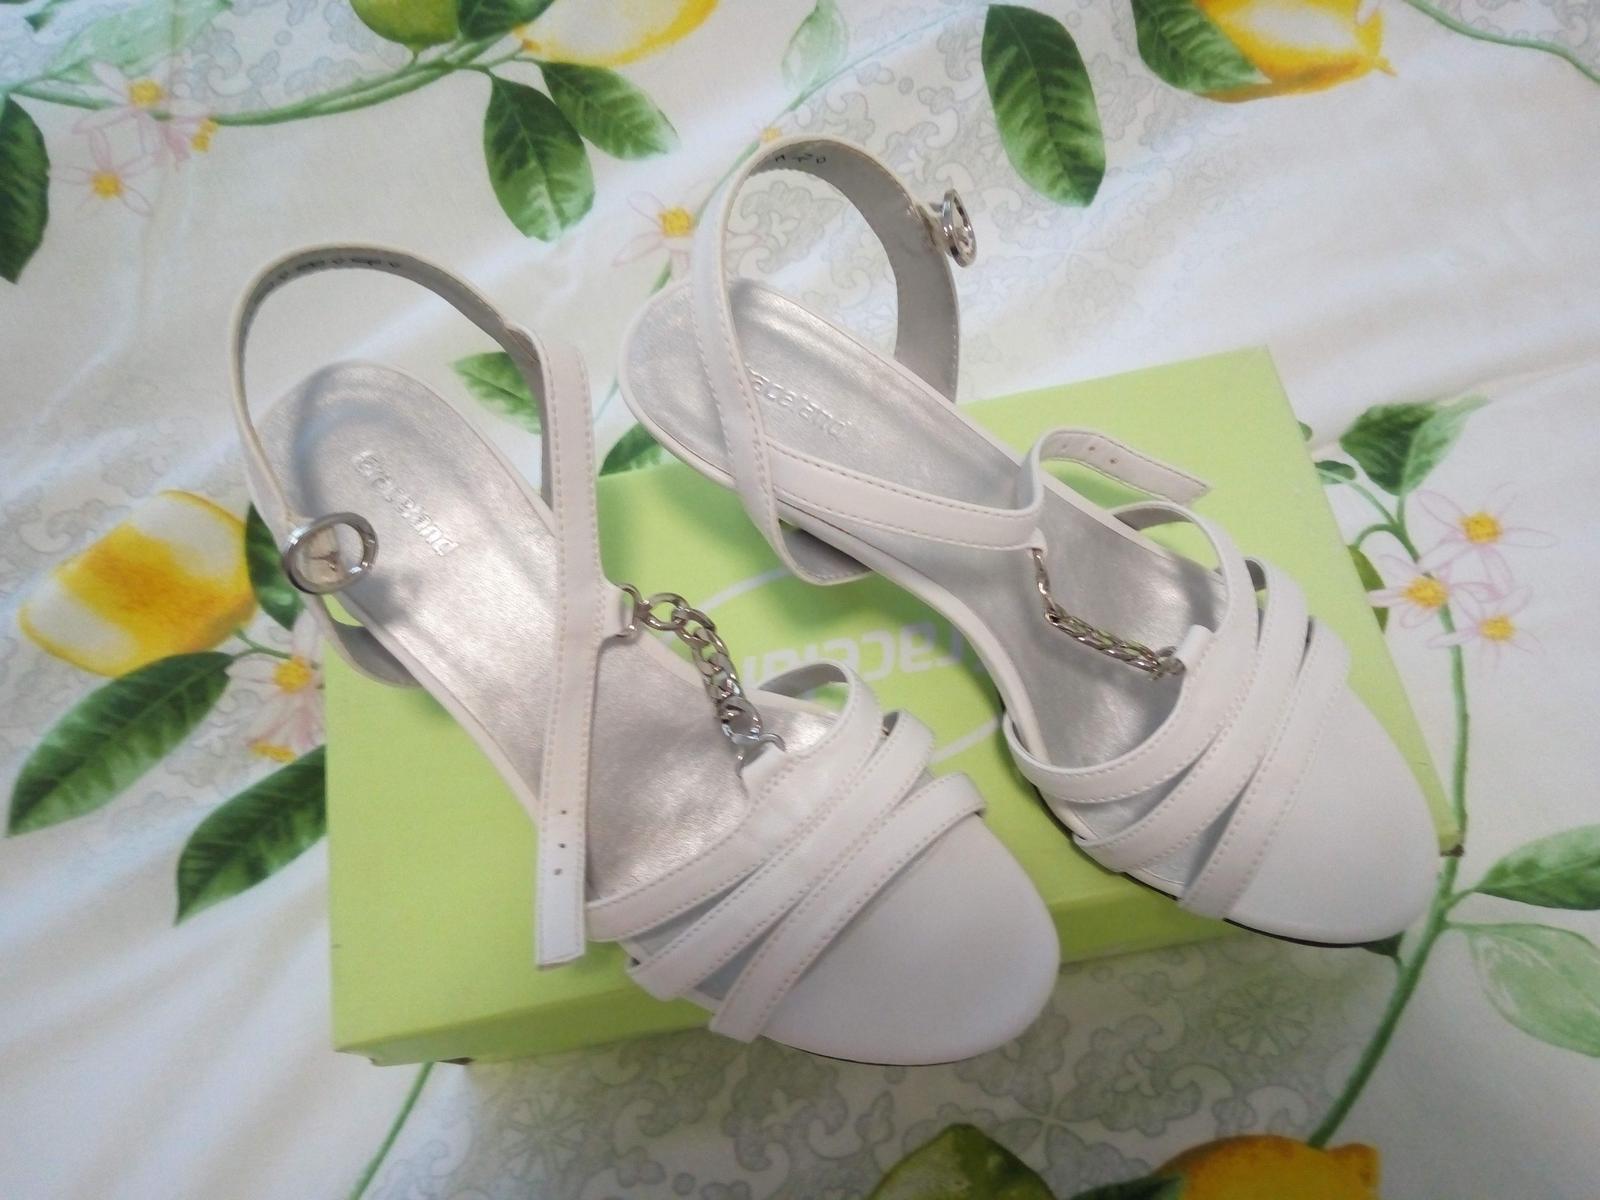 Sandále s retiazkou - Obrázok č. 1